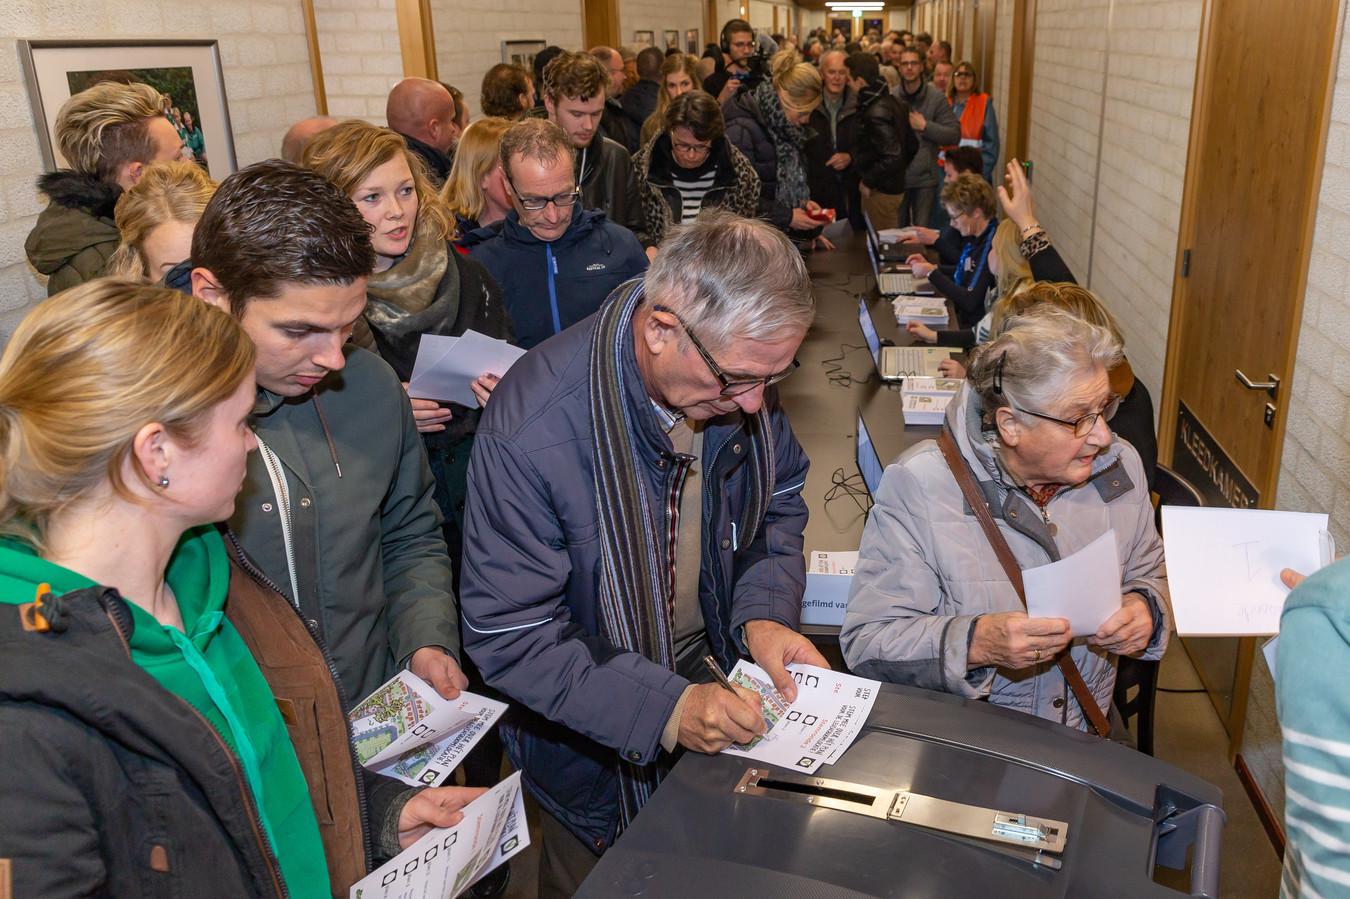 Inwoners van Rouveen kozen begin dit jaar via een stemming uit de 30 plannen voor de invulling van het braakliggende terrein waar ooit school De Levensboom stond.